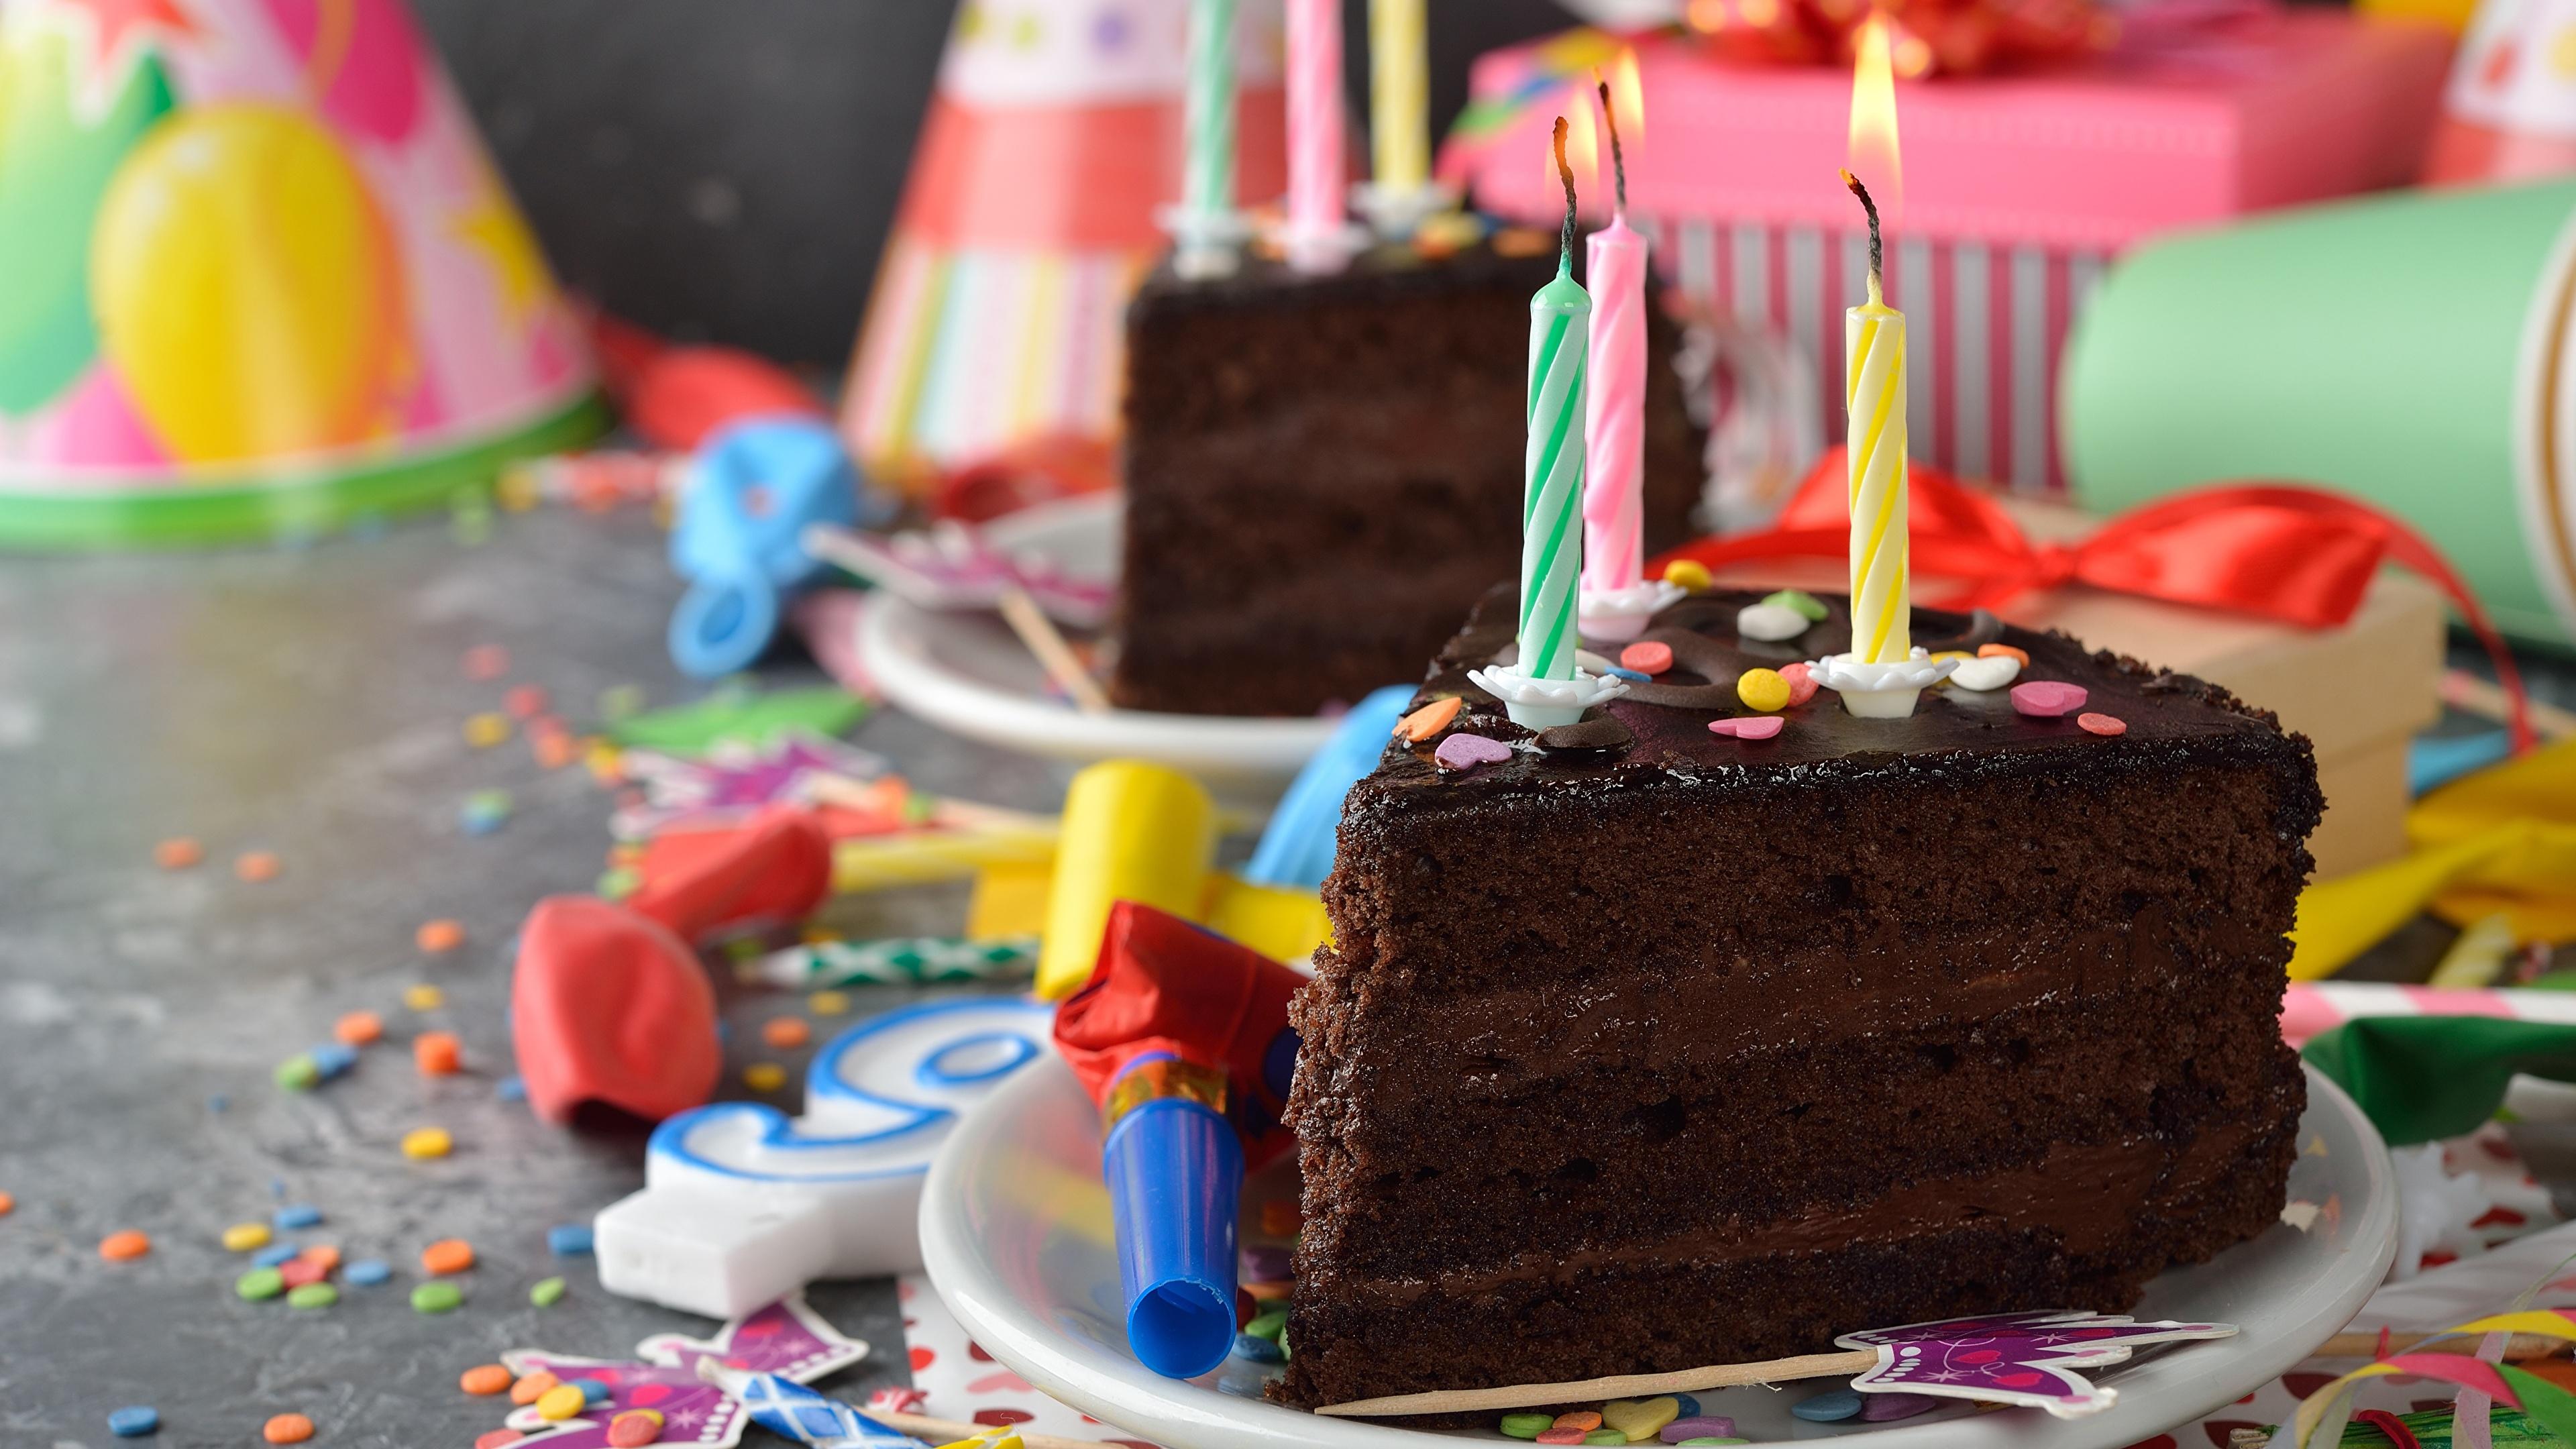 Кусок торта со свечей  № 2183951 бесплатно